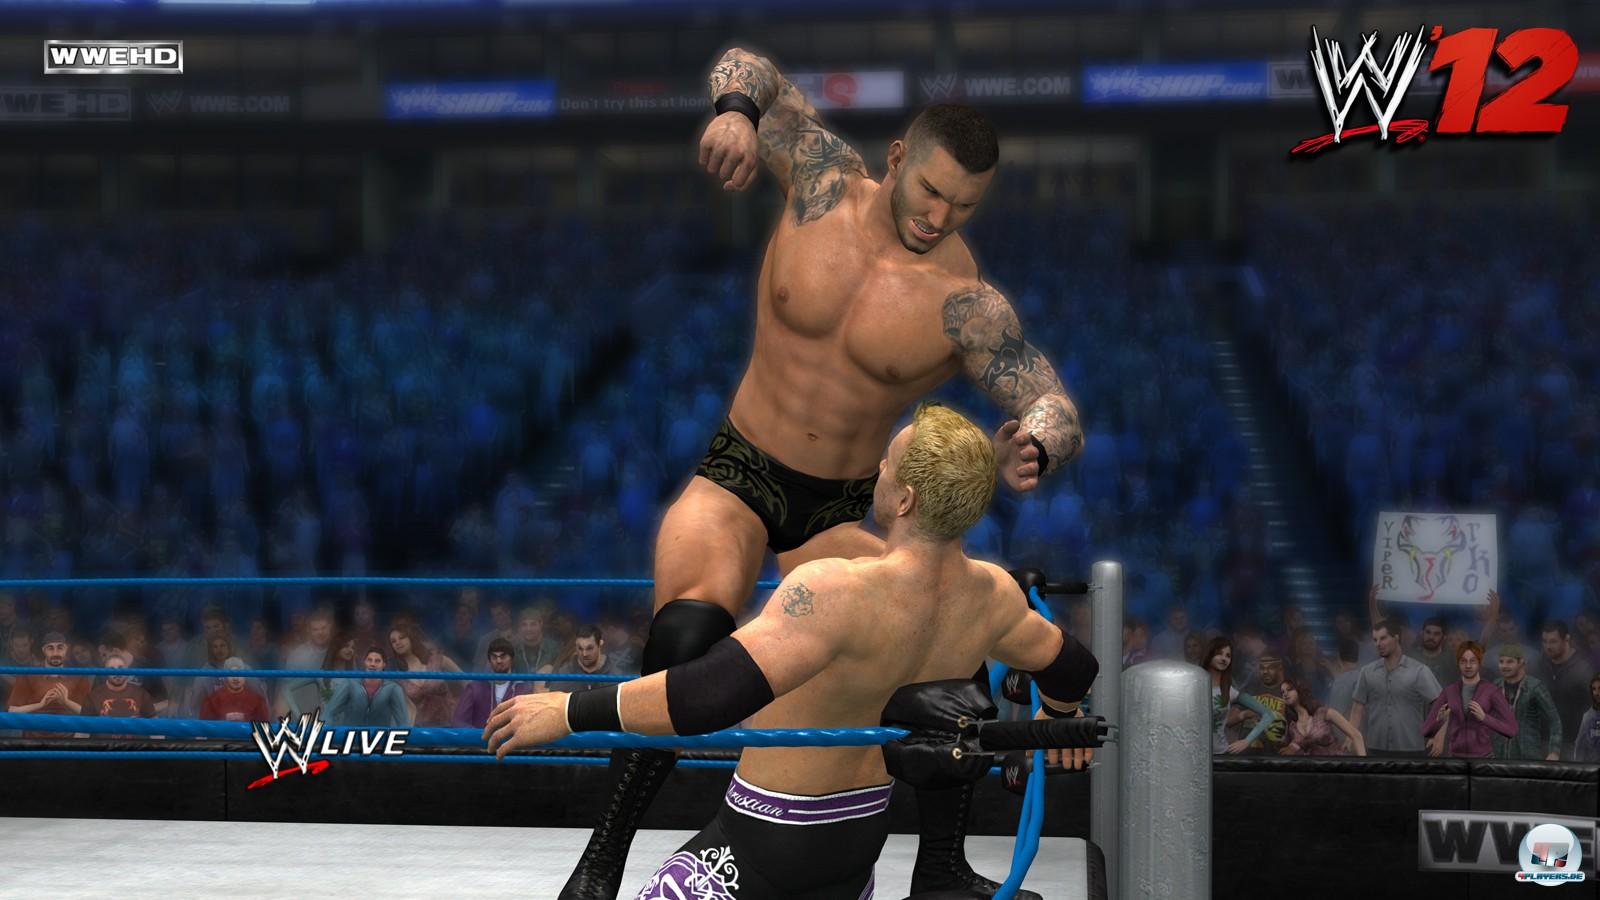 Die WWE-Athleten sehen besser aus als je zuvor, doch spielerisch muss die neue Technik erst noch ihre Klasse ausspielen.